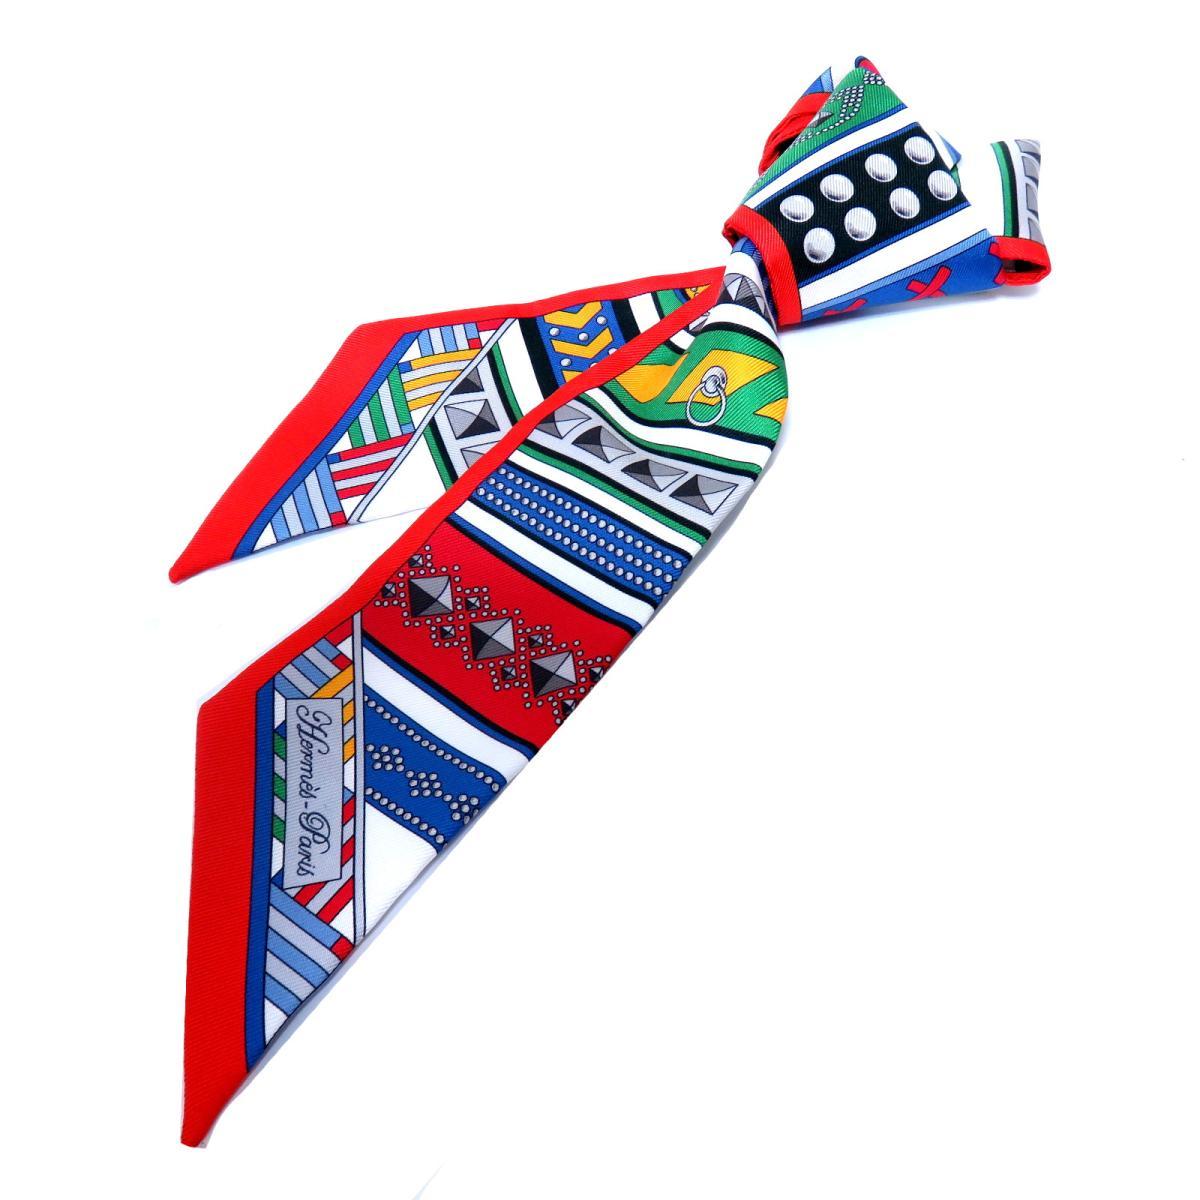 エルメス トゥイリー スカーフ レディース シルク マルチカラー | HERMES スカーフ ツイリー 新品 ブランドオフ